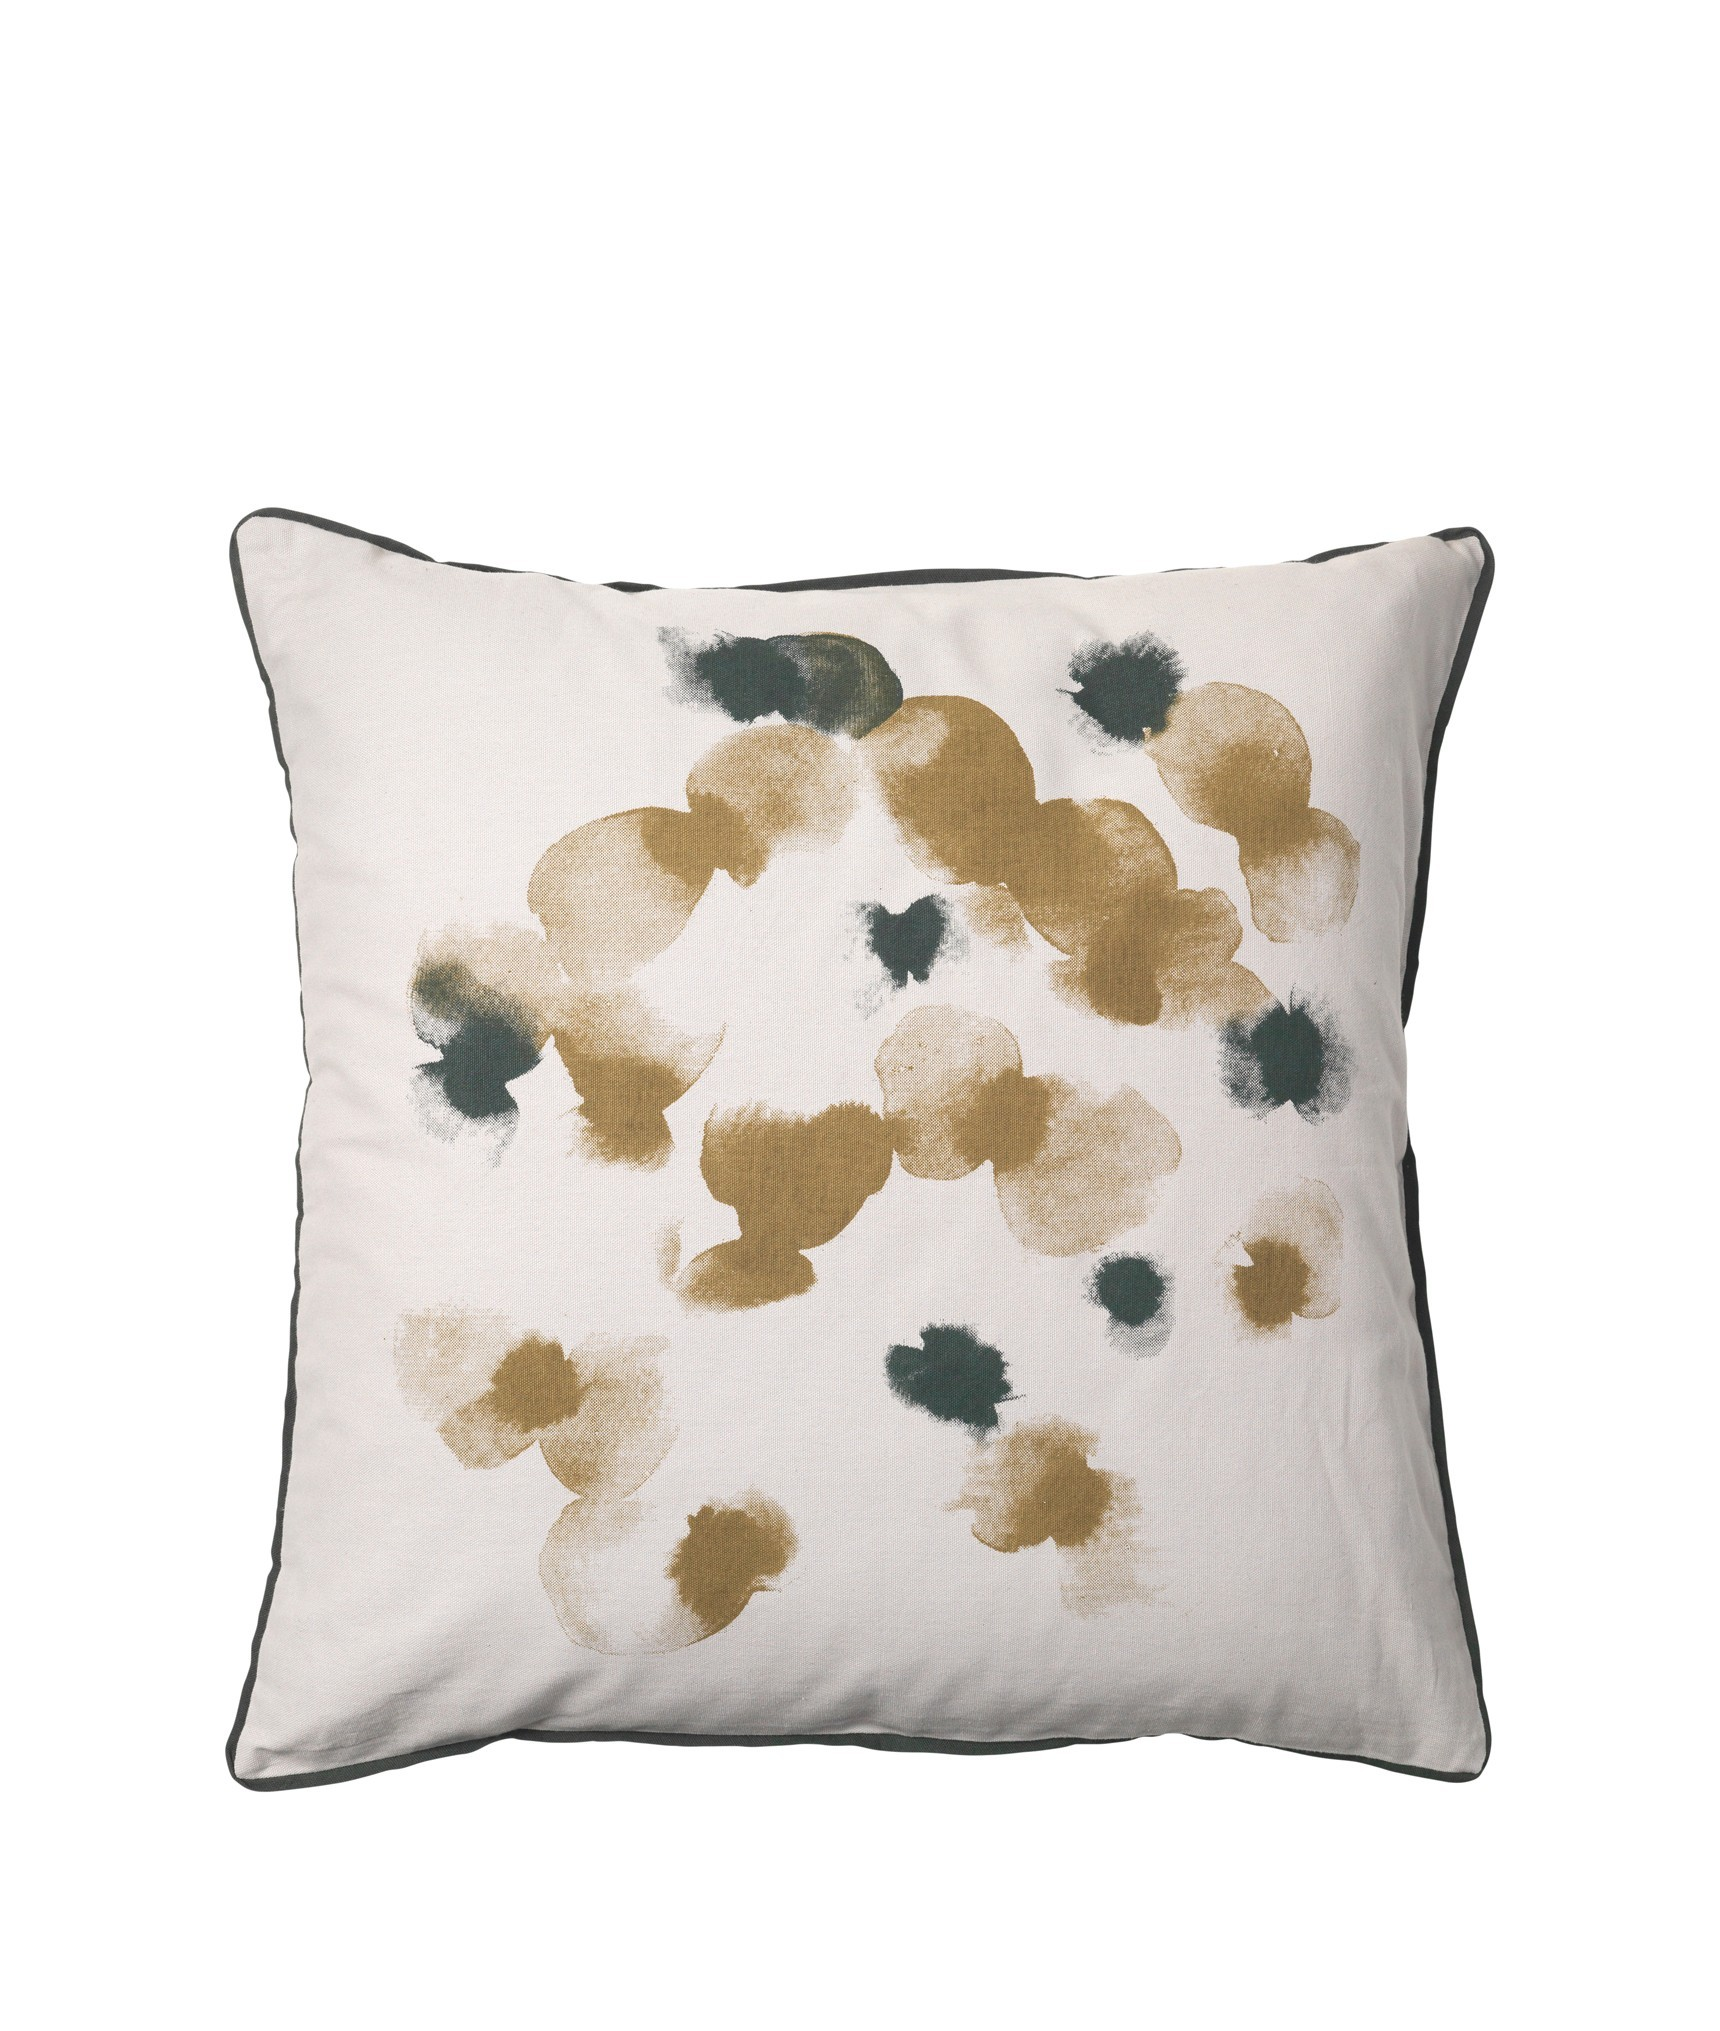 broste copenhagen kissen flower petal wohnen kologische m bel f r deinen wohnbereich bei. Black Bedroom Furniture Sets. Home Design Ideas